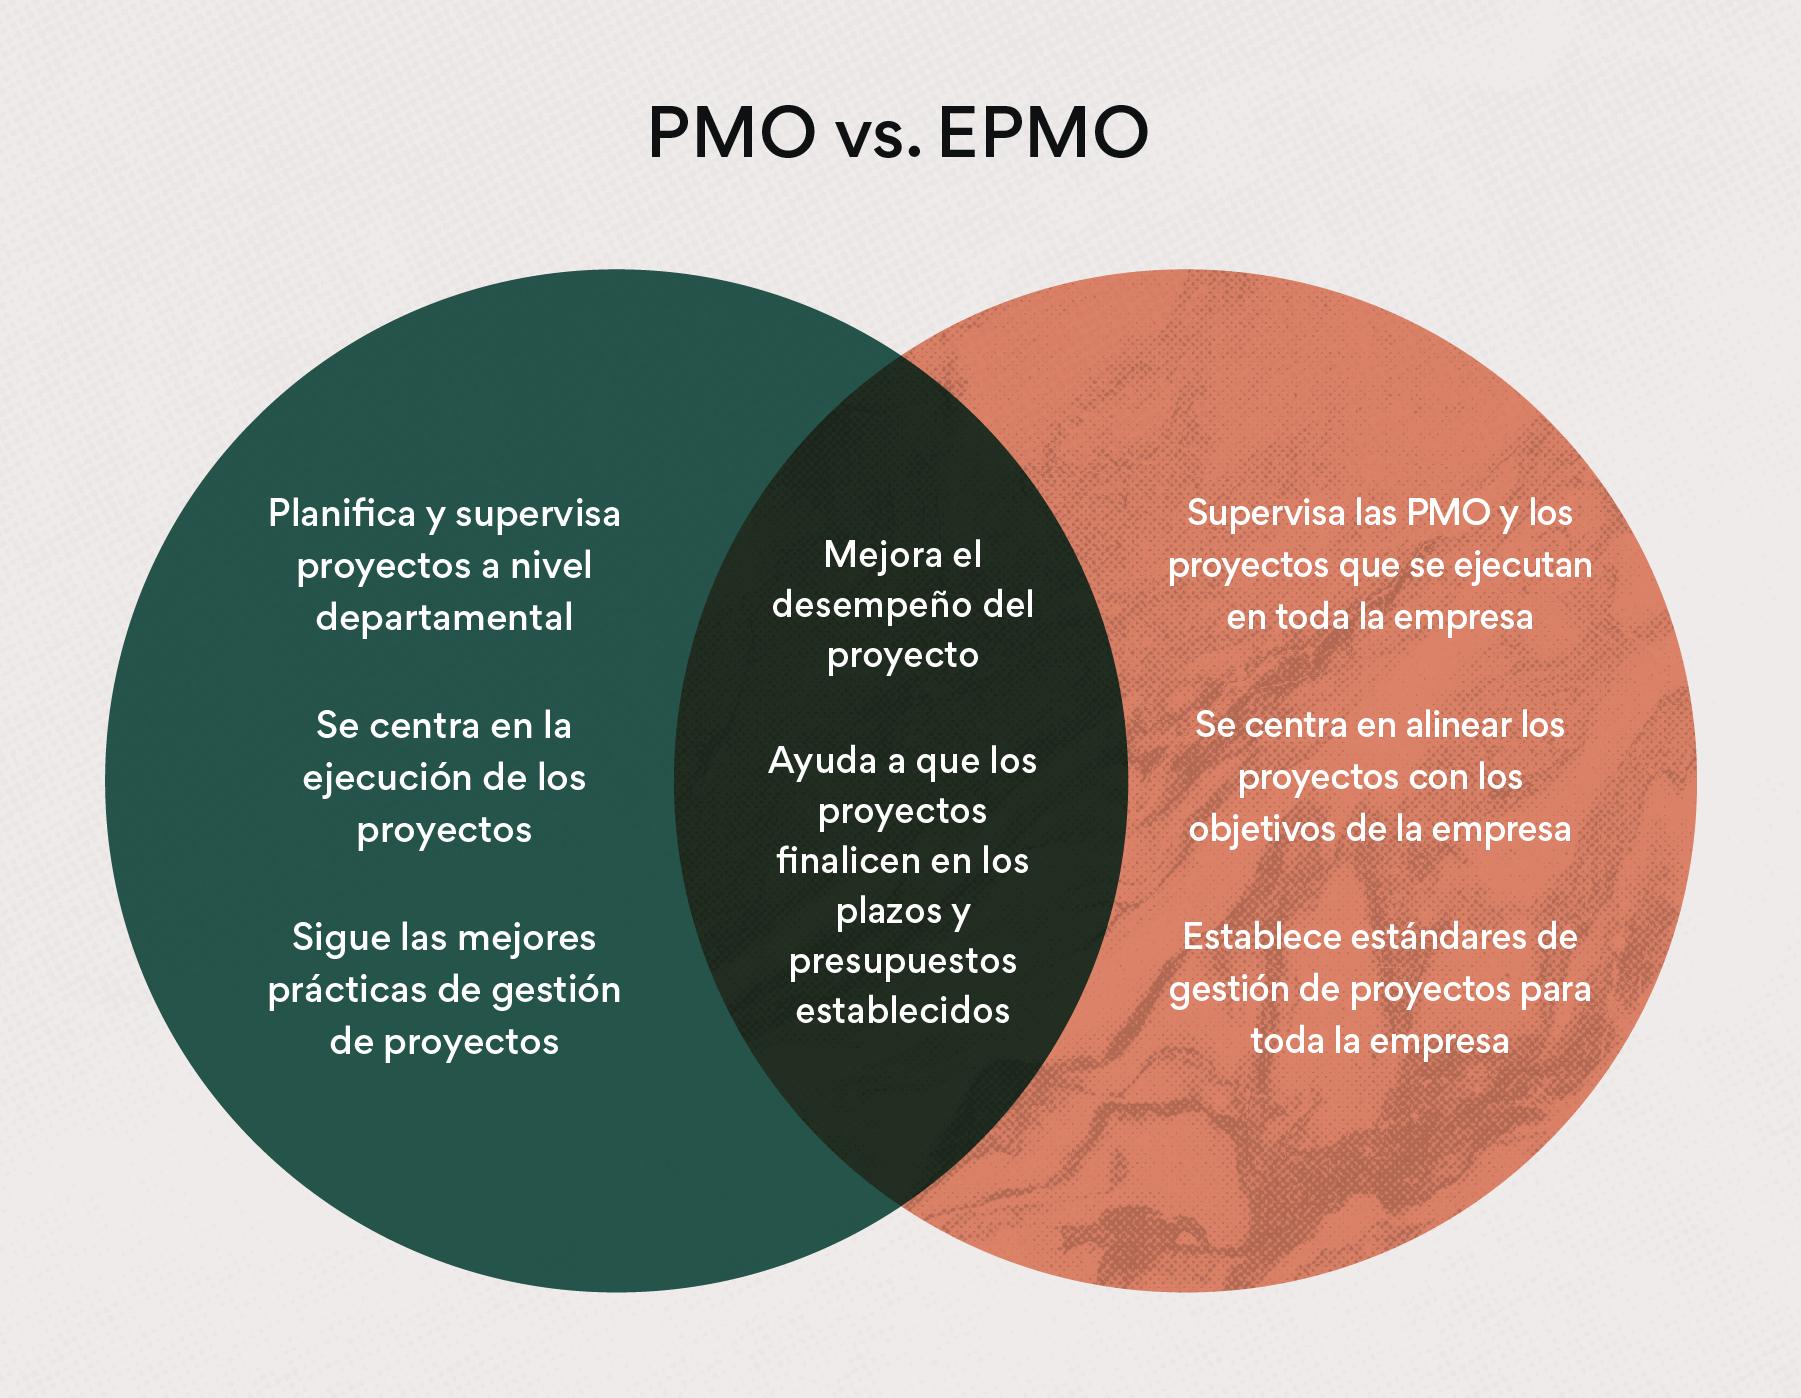 Oficina de Gestión de Proyectos para Empresas (EPMO) vs. Oficina de Gestión de Proyectos (PMO)